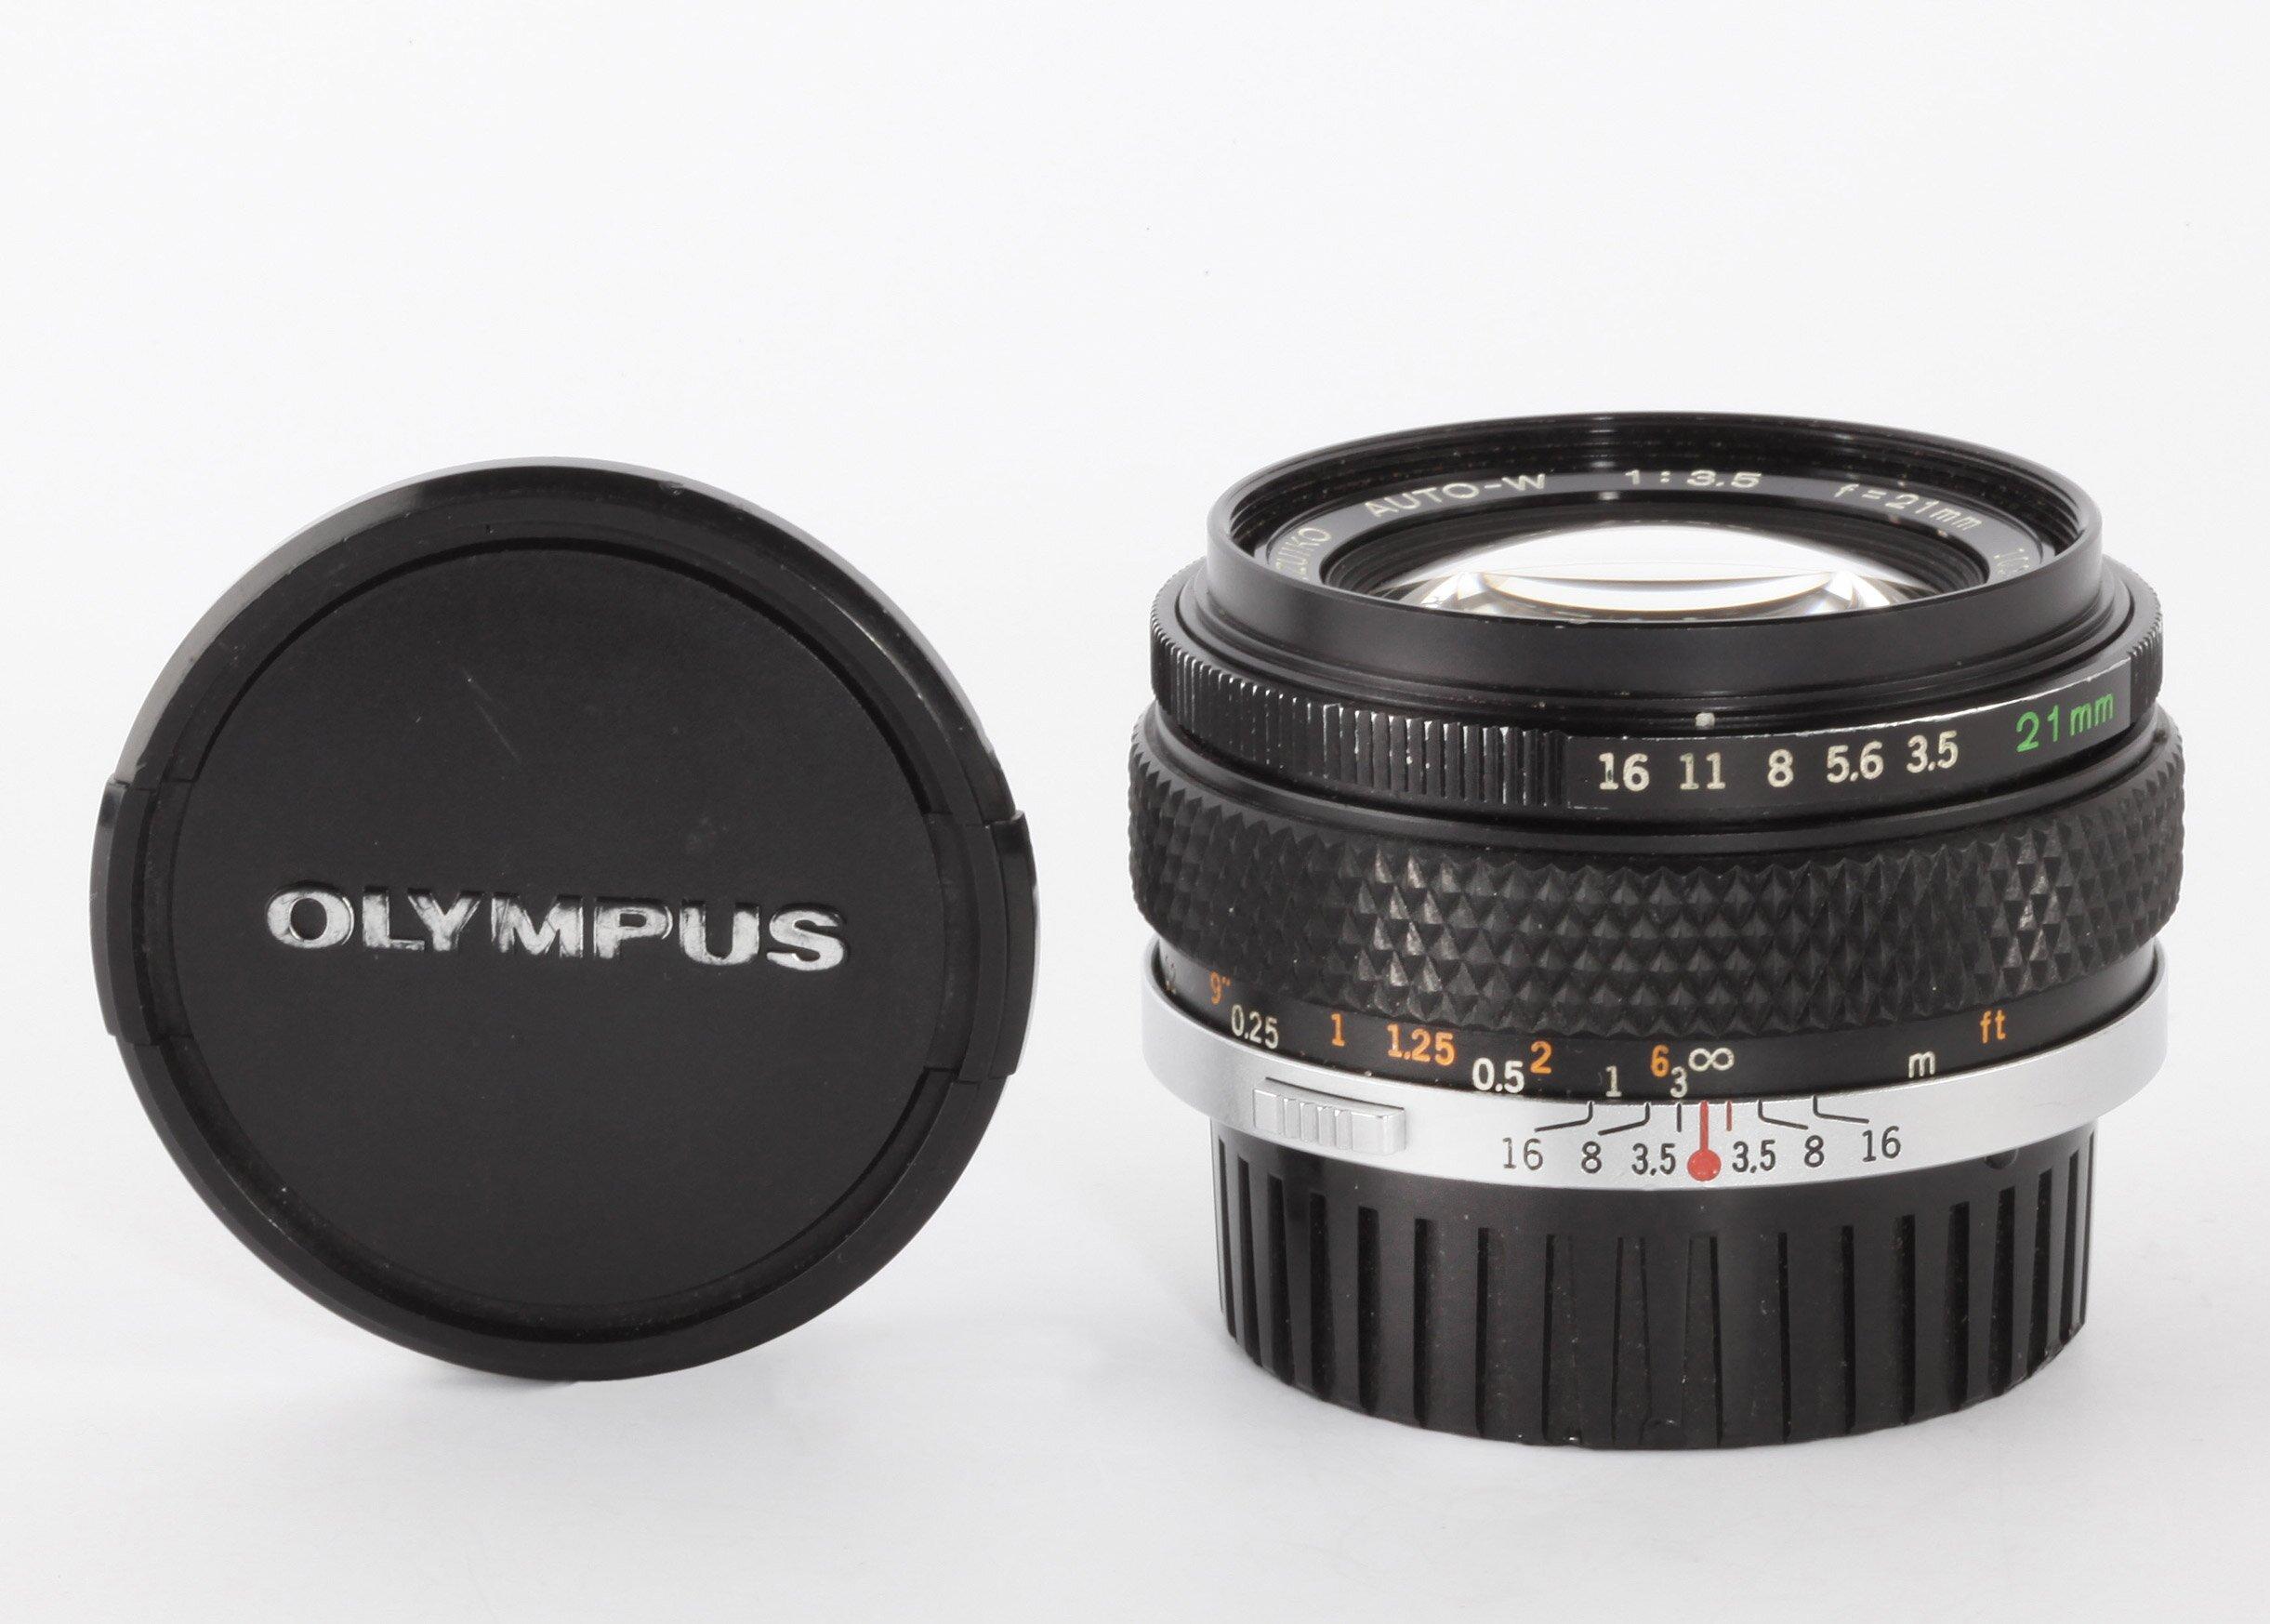 Olympus OM 21mm 3,5